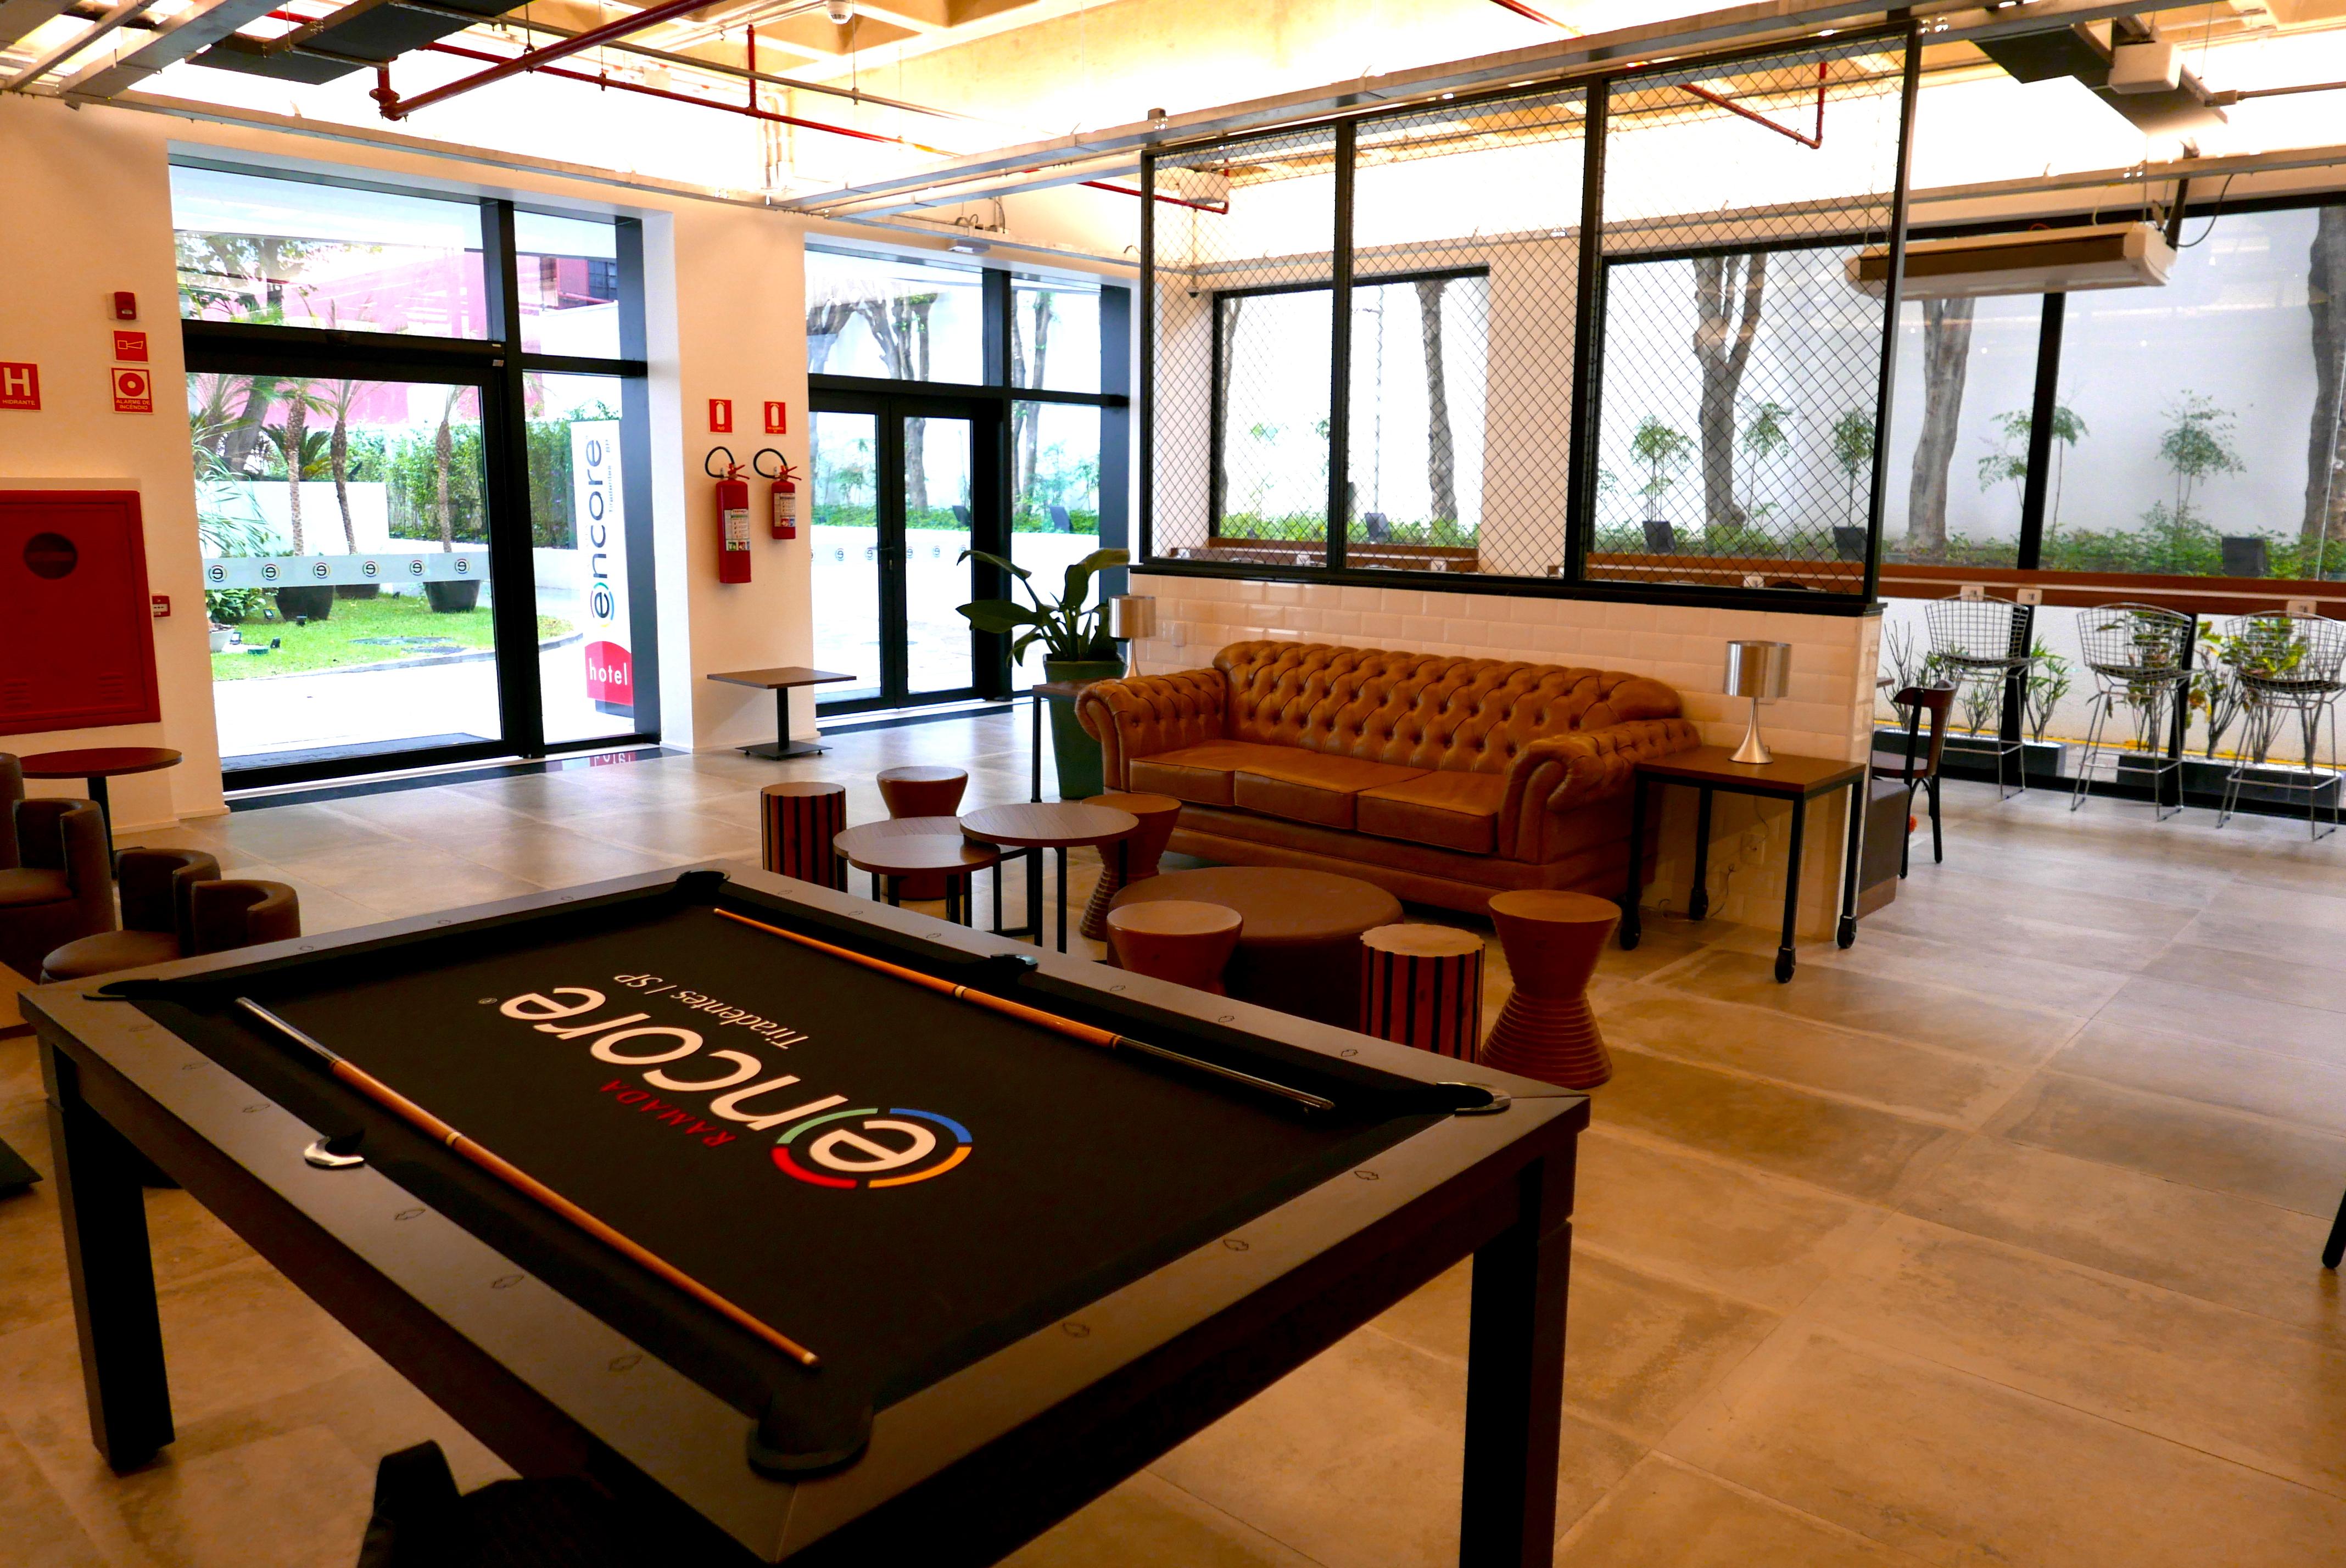 O hóspede pode escolher entre jogar sinuca, trabalhar, ou relaxar no sofá curtindo a música e o ambiente